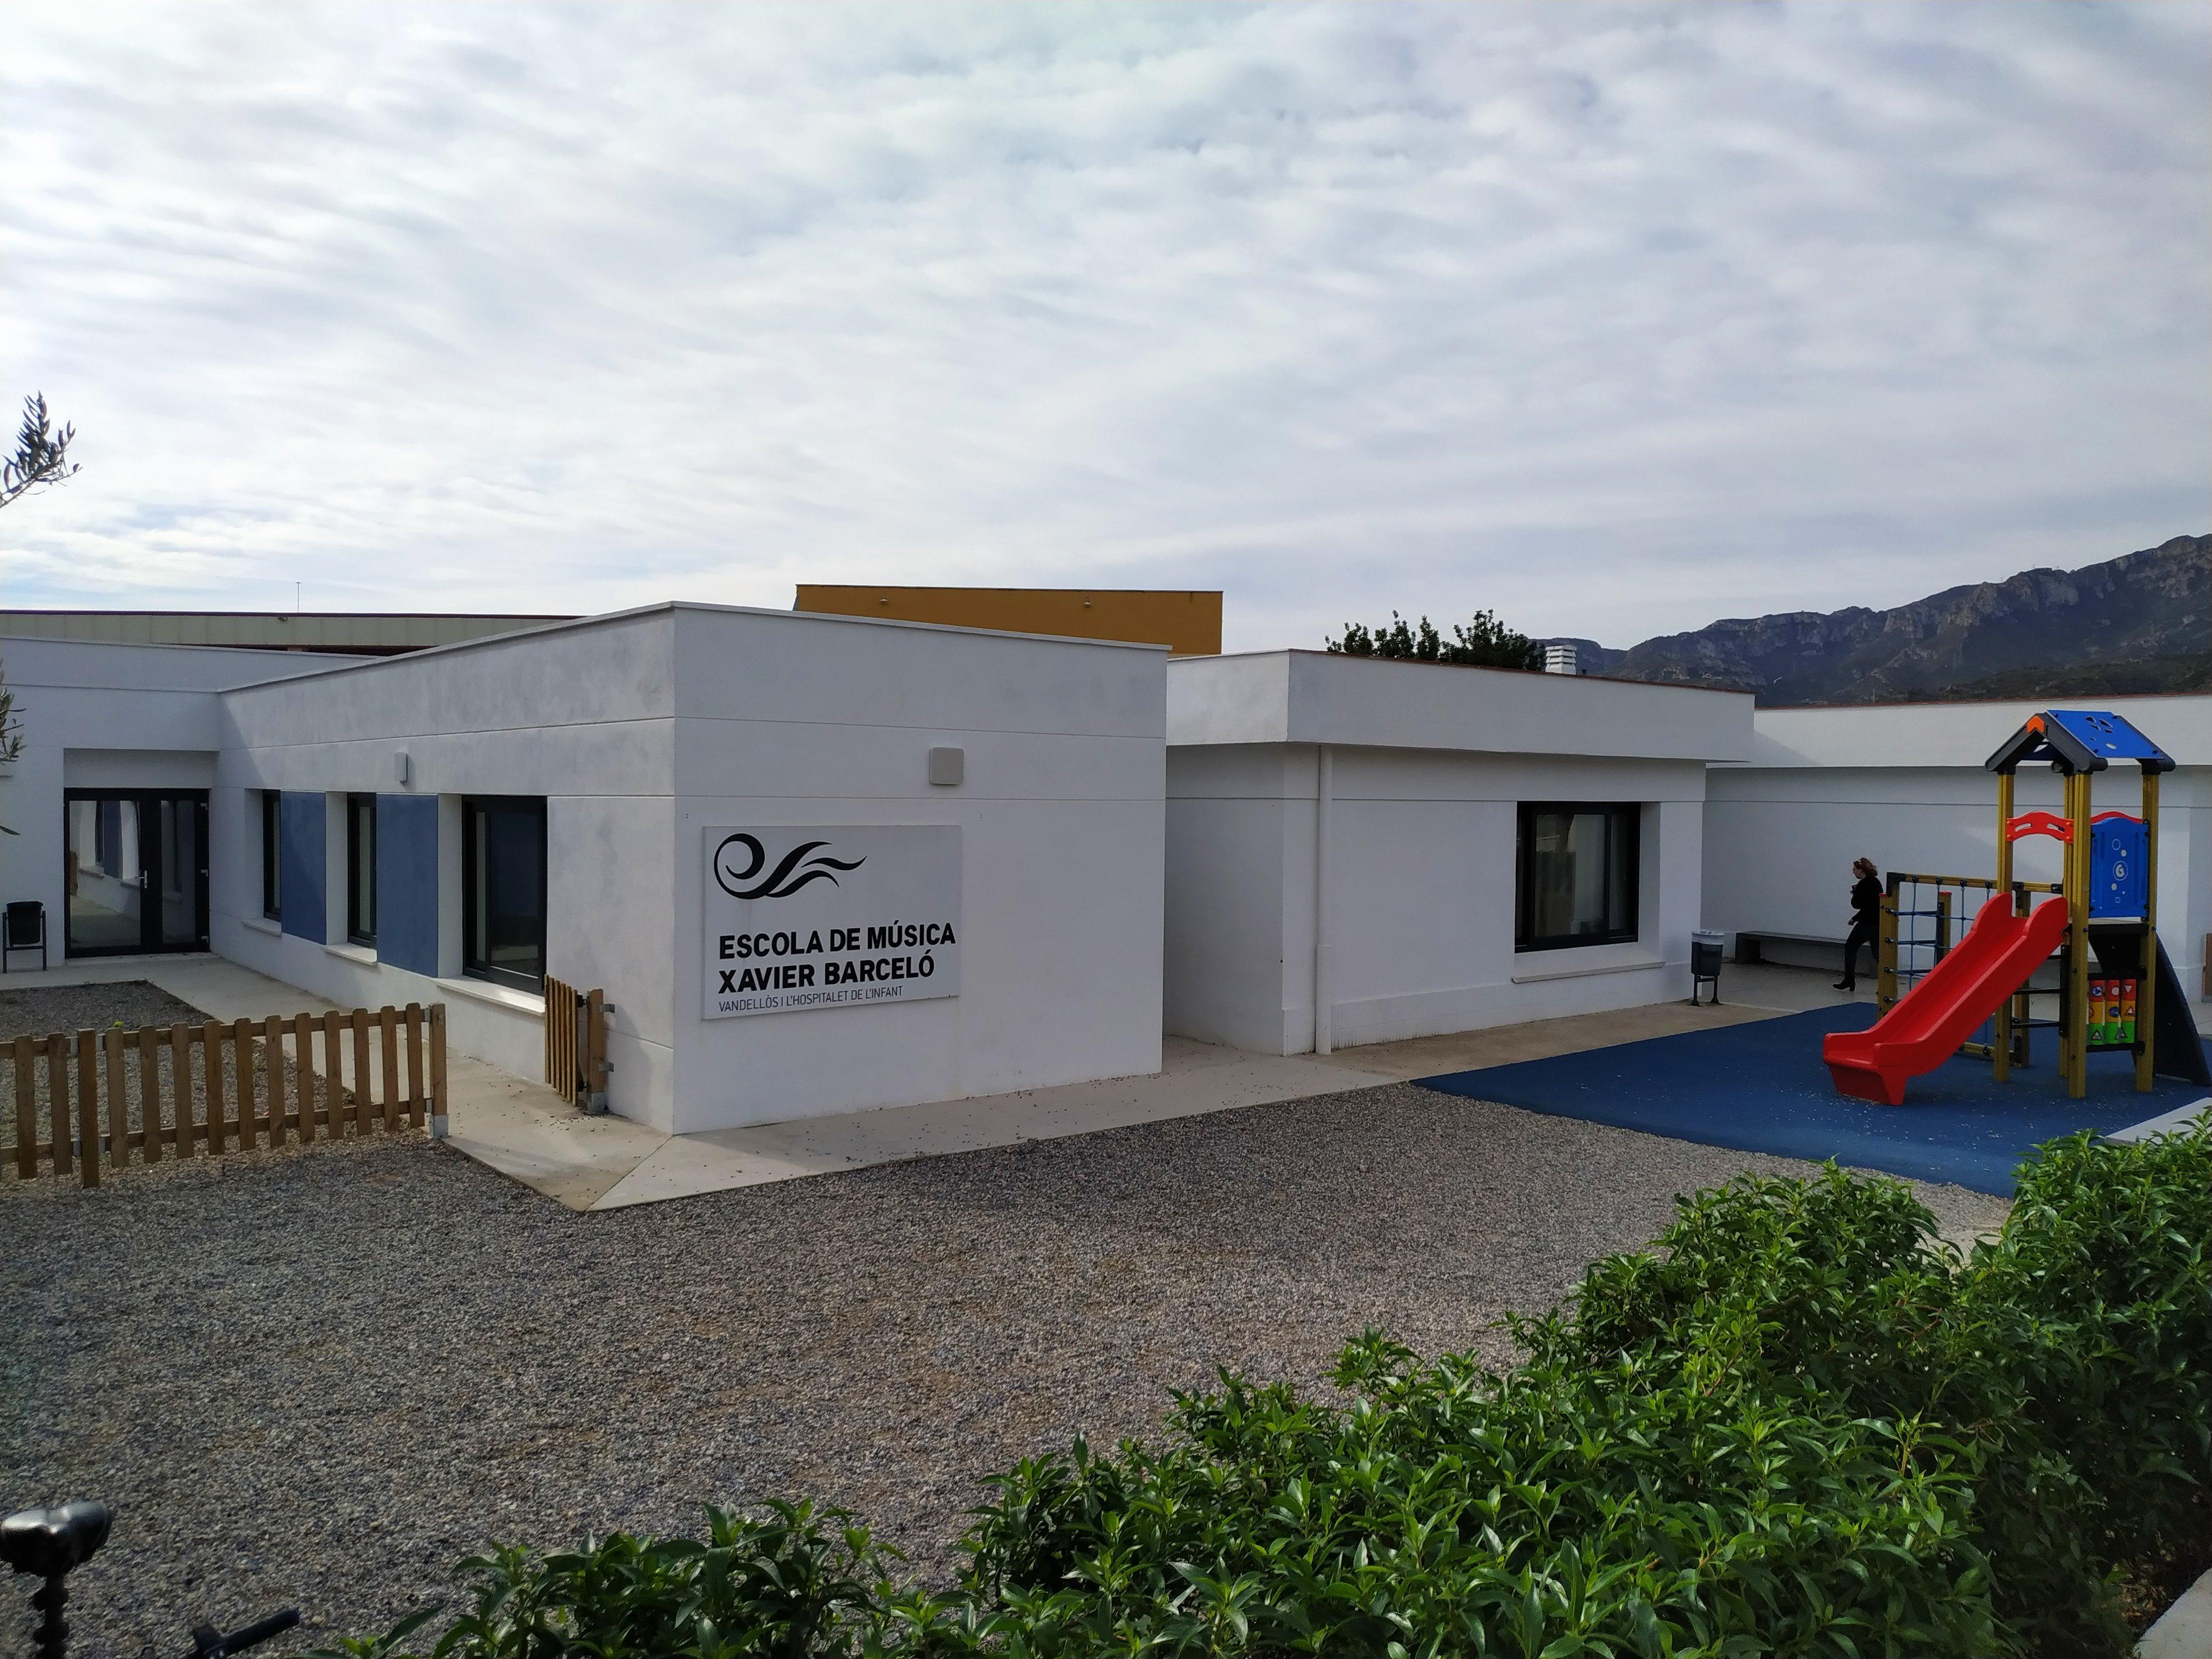 El dilluns 7 de juny s'obrirà la preinscripció a l'Escola de Música de Vandellòs i l'Hospitalet de l'Infant